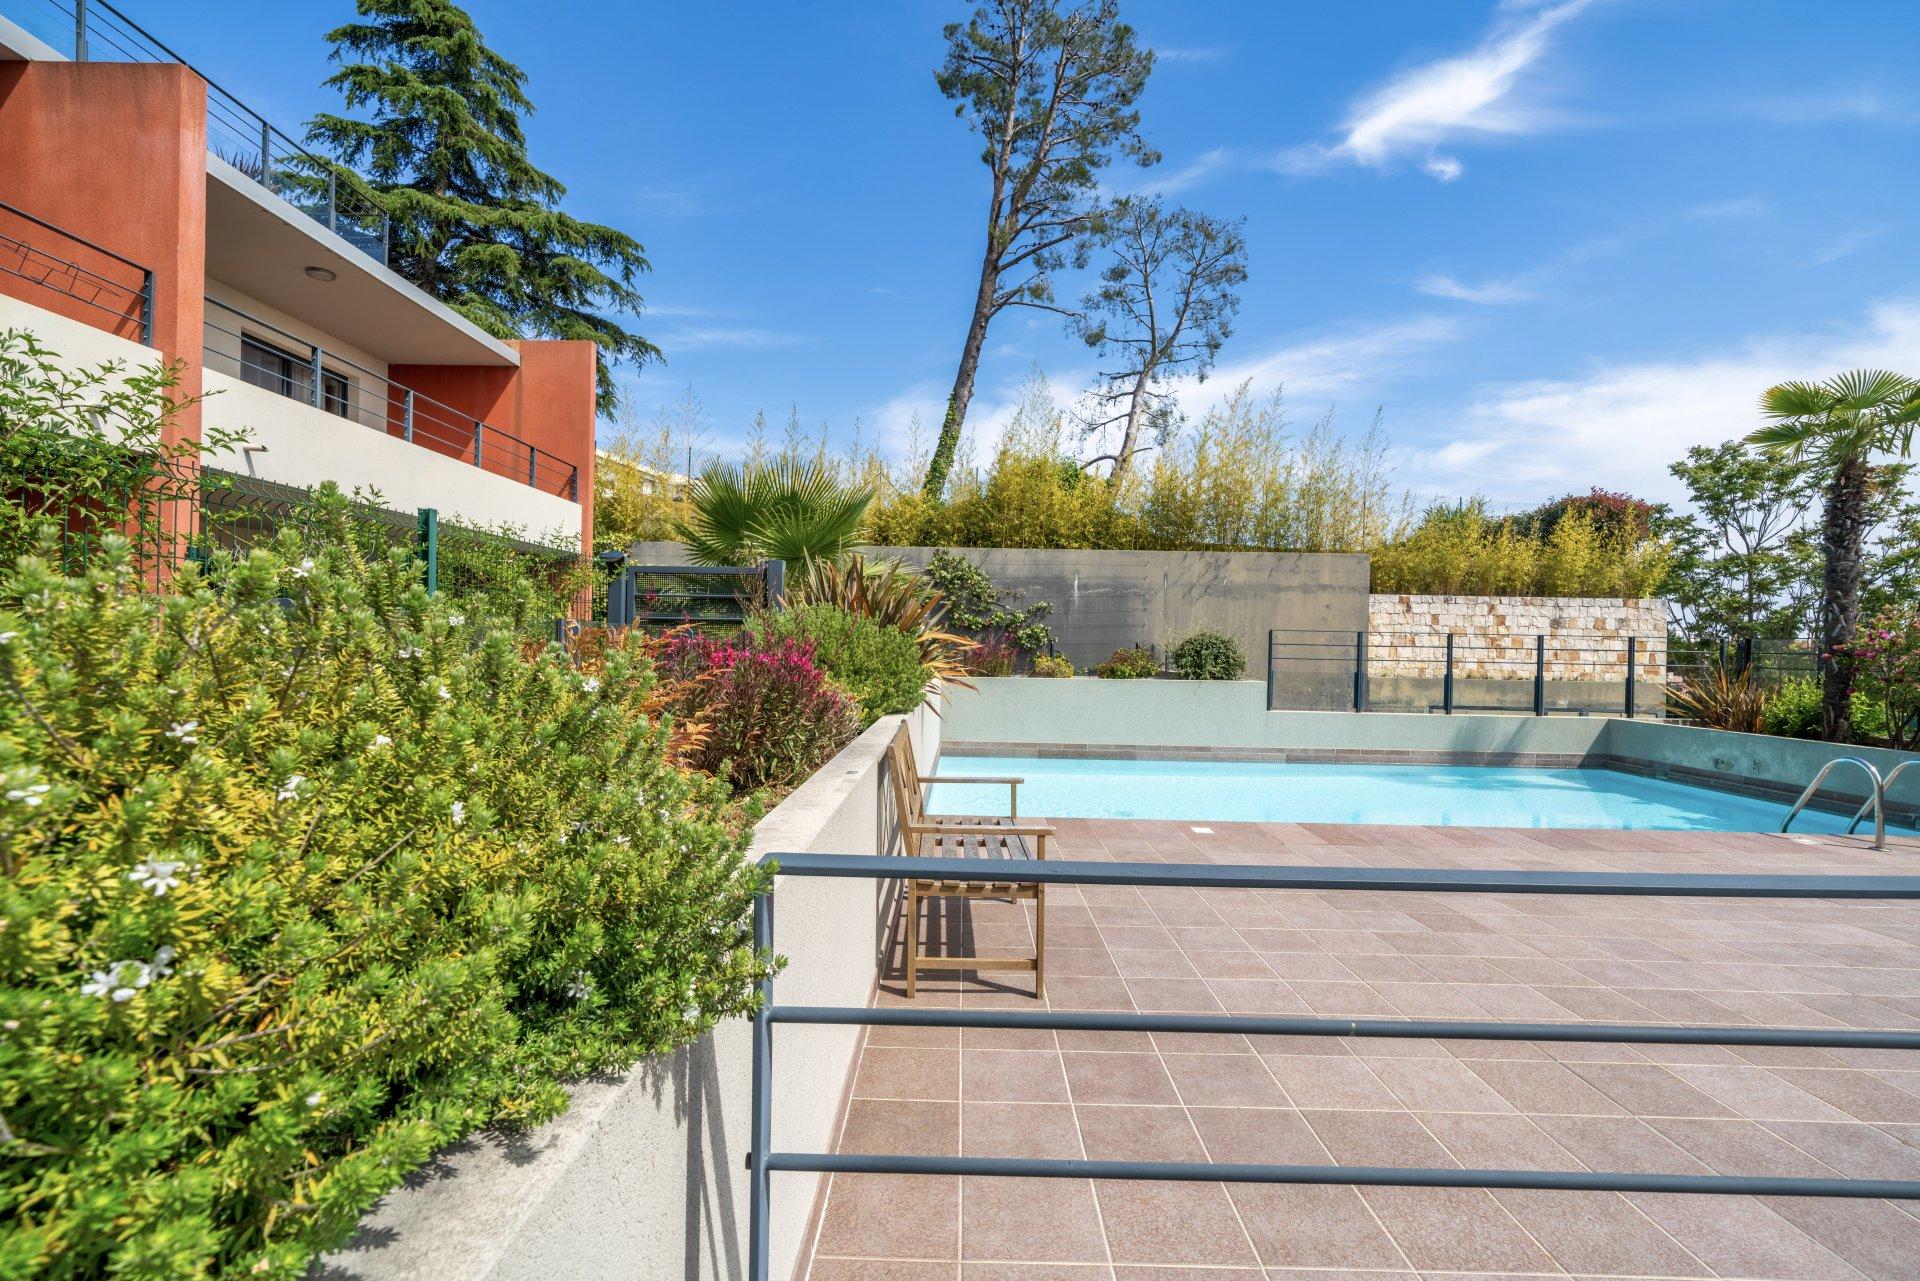 Apartment / Villa + Terrace + garden + double garage